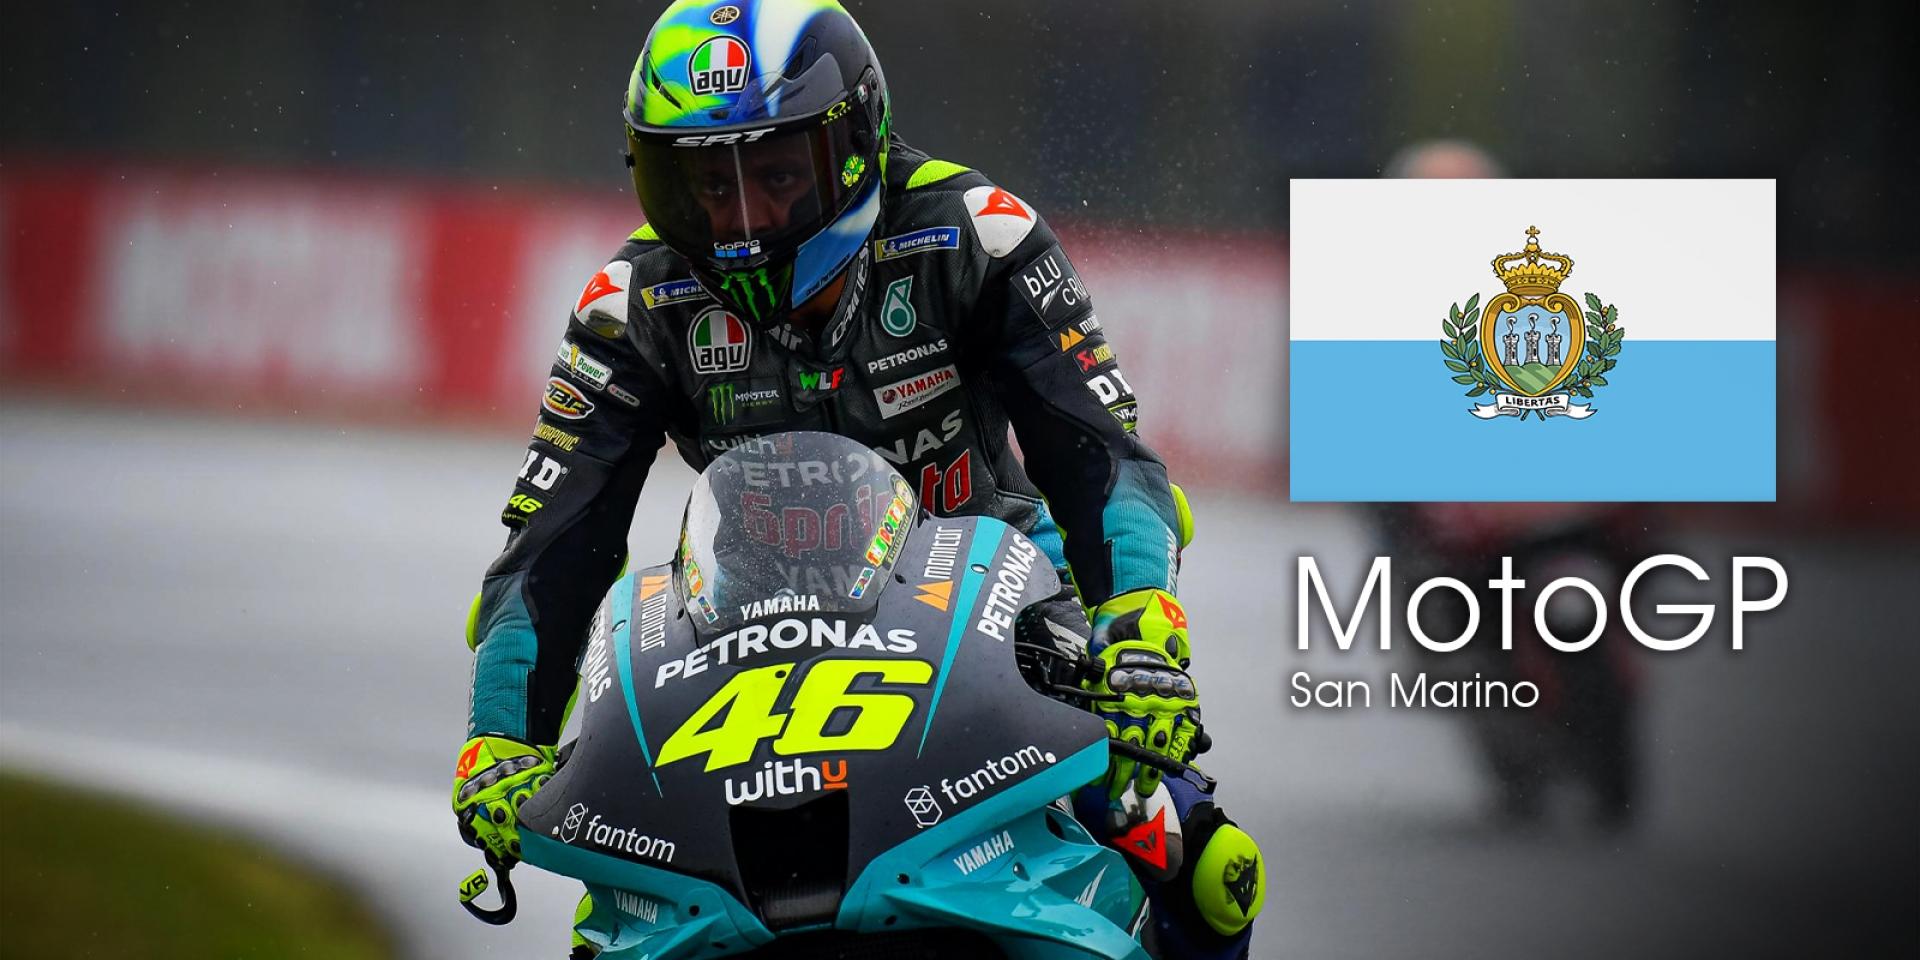 MotoGP 2021 聖馬利諾站 轉播時間